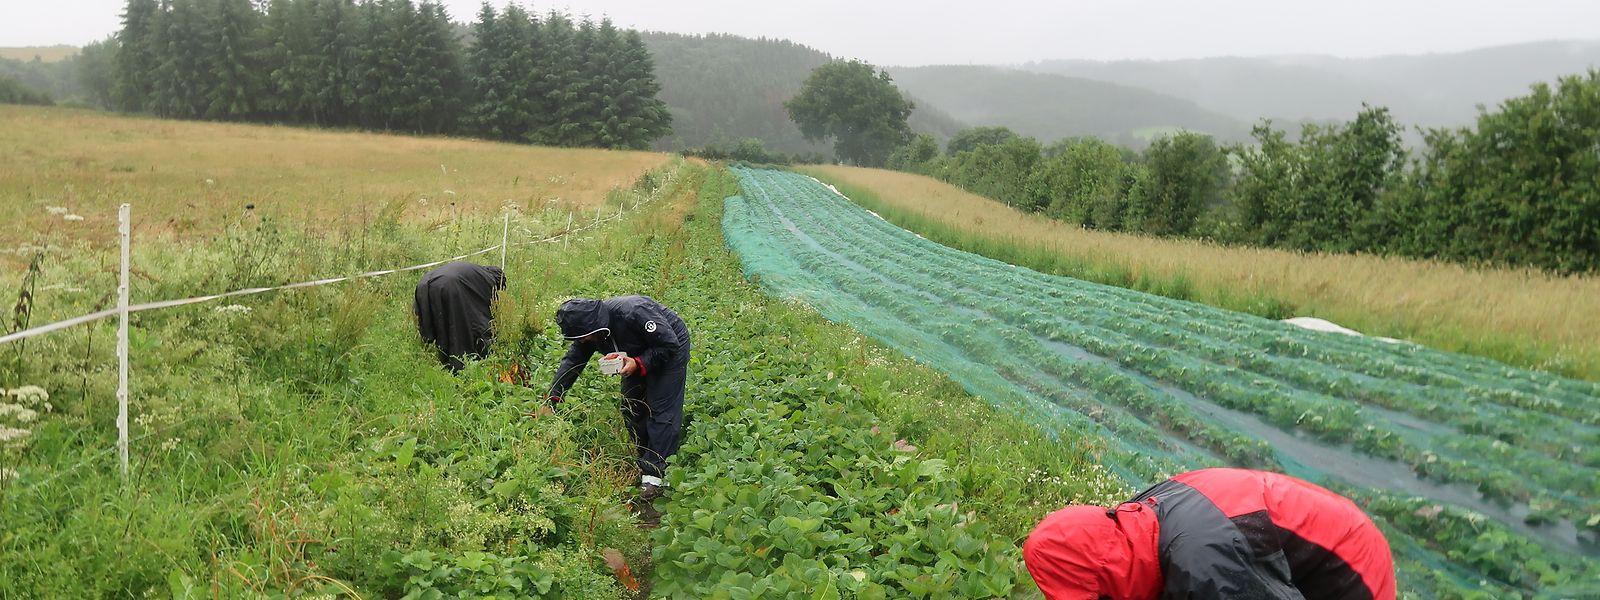 Engagierte Erntehelfer bei der Arbeit: Auf der Erdbeerplantage von Jos Fischbach in Drauffelt kann in einem guten Jahr bis zu einer Tonne Erdbeeren geerntet werden. Wegen des feuchten Wetters war es im vergangenen Jahr aber gerade einmal rund die Hälfte.